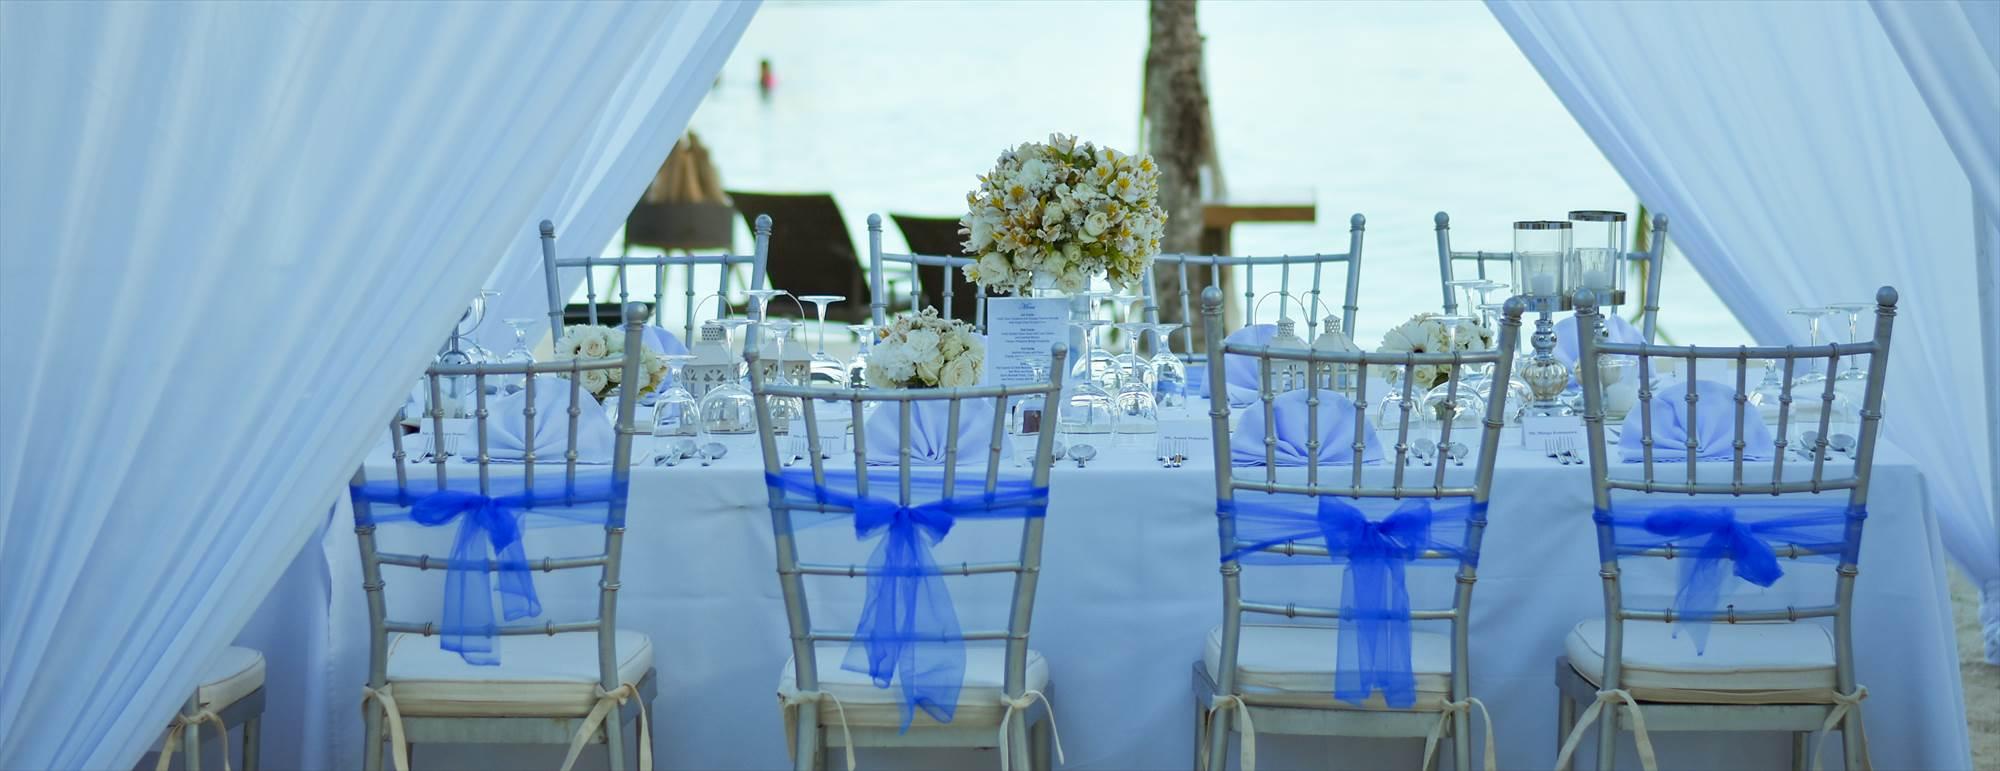 セブ島ビーチ・ウェディング・パーティーBluewater Maribago Beach Wedding Party~ブルーウォーター・マリバゴ・ビーチ・パーティー